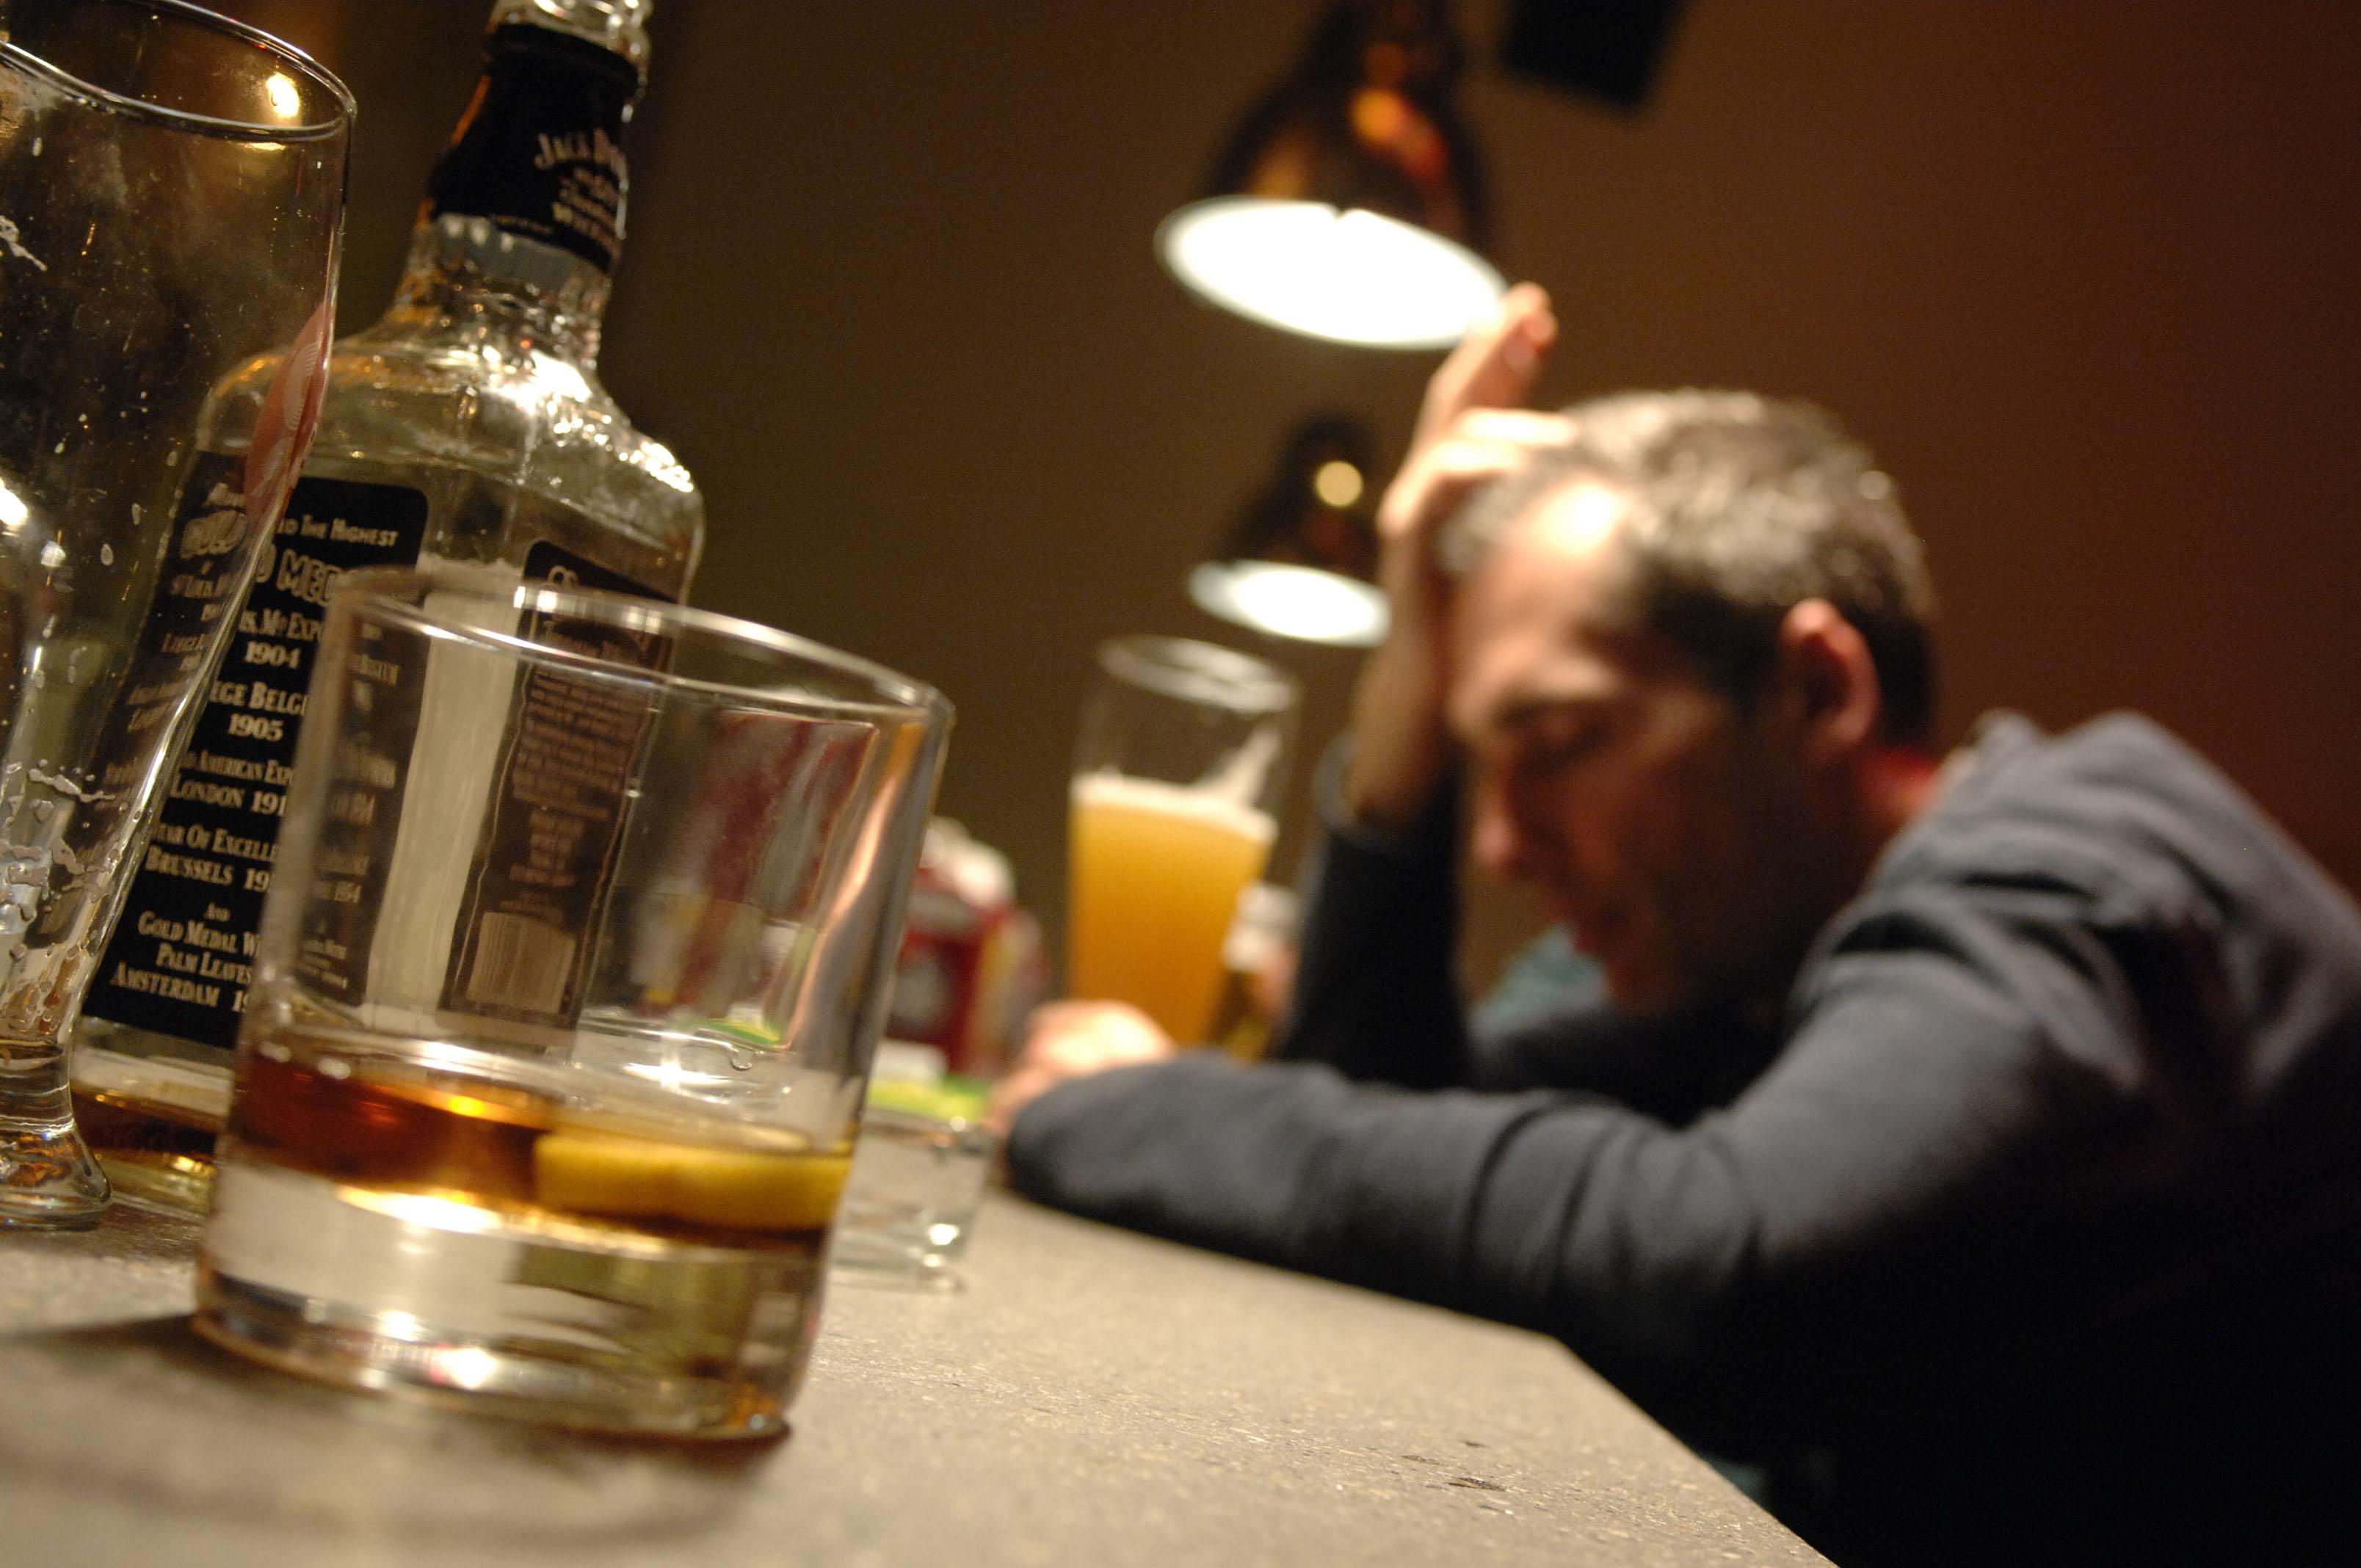 Termini di codificazione alcolica